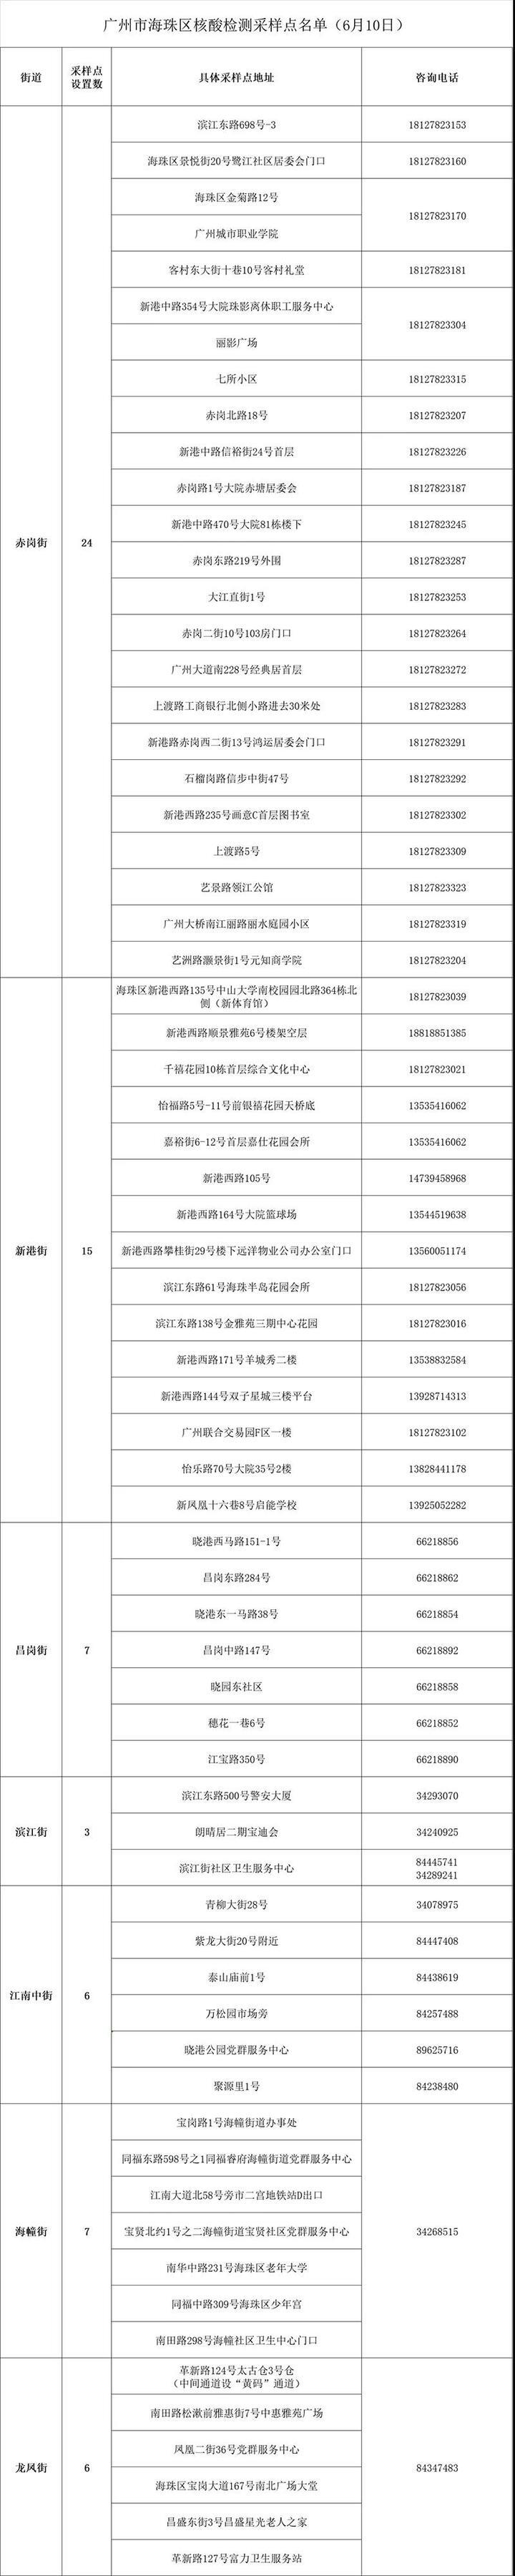 海珠:对13个街道辖区内全体居民进行第三次全员核酸检测